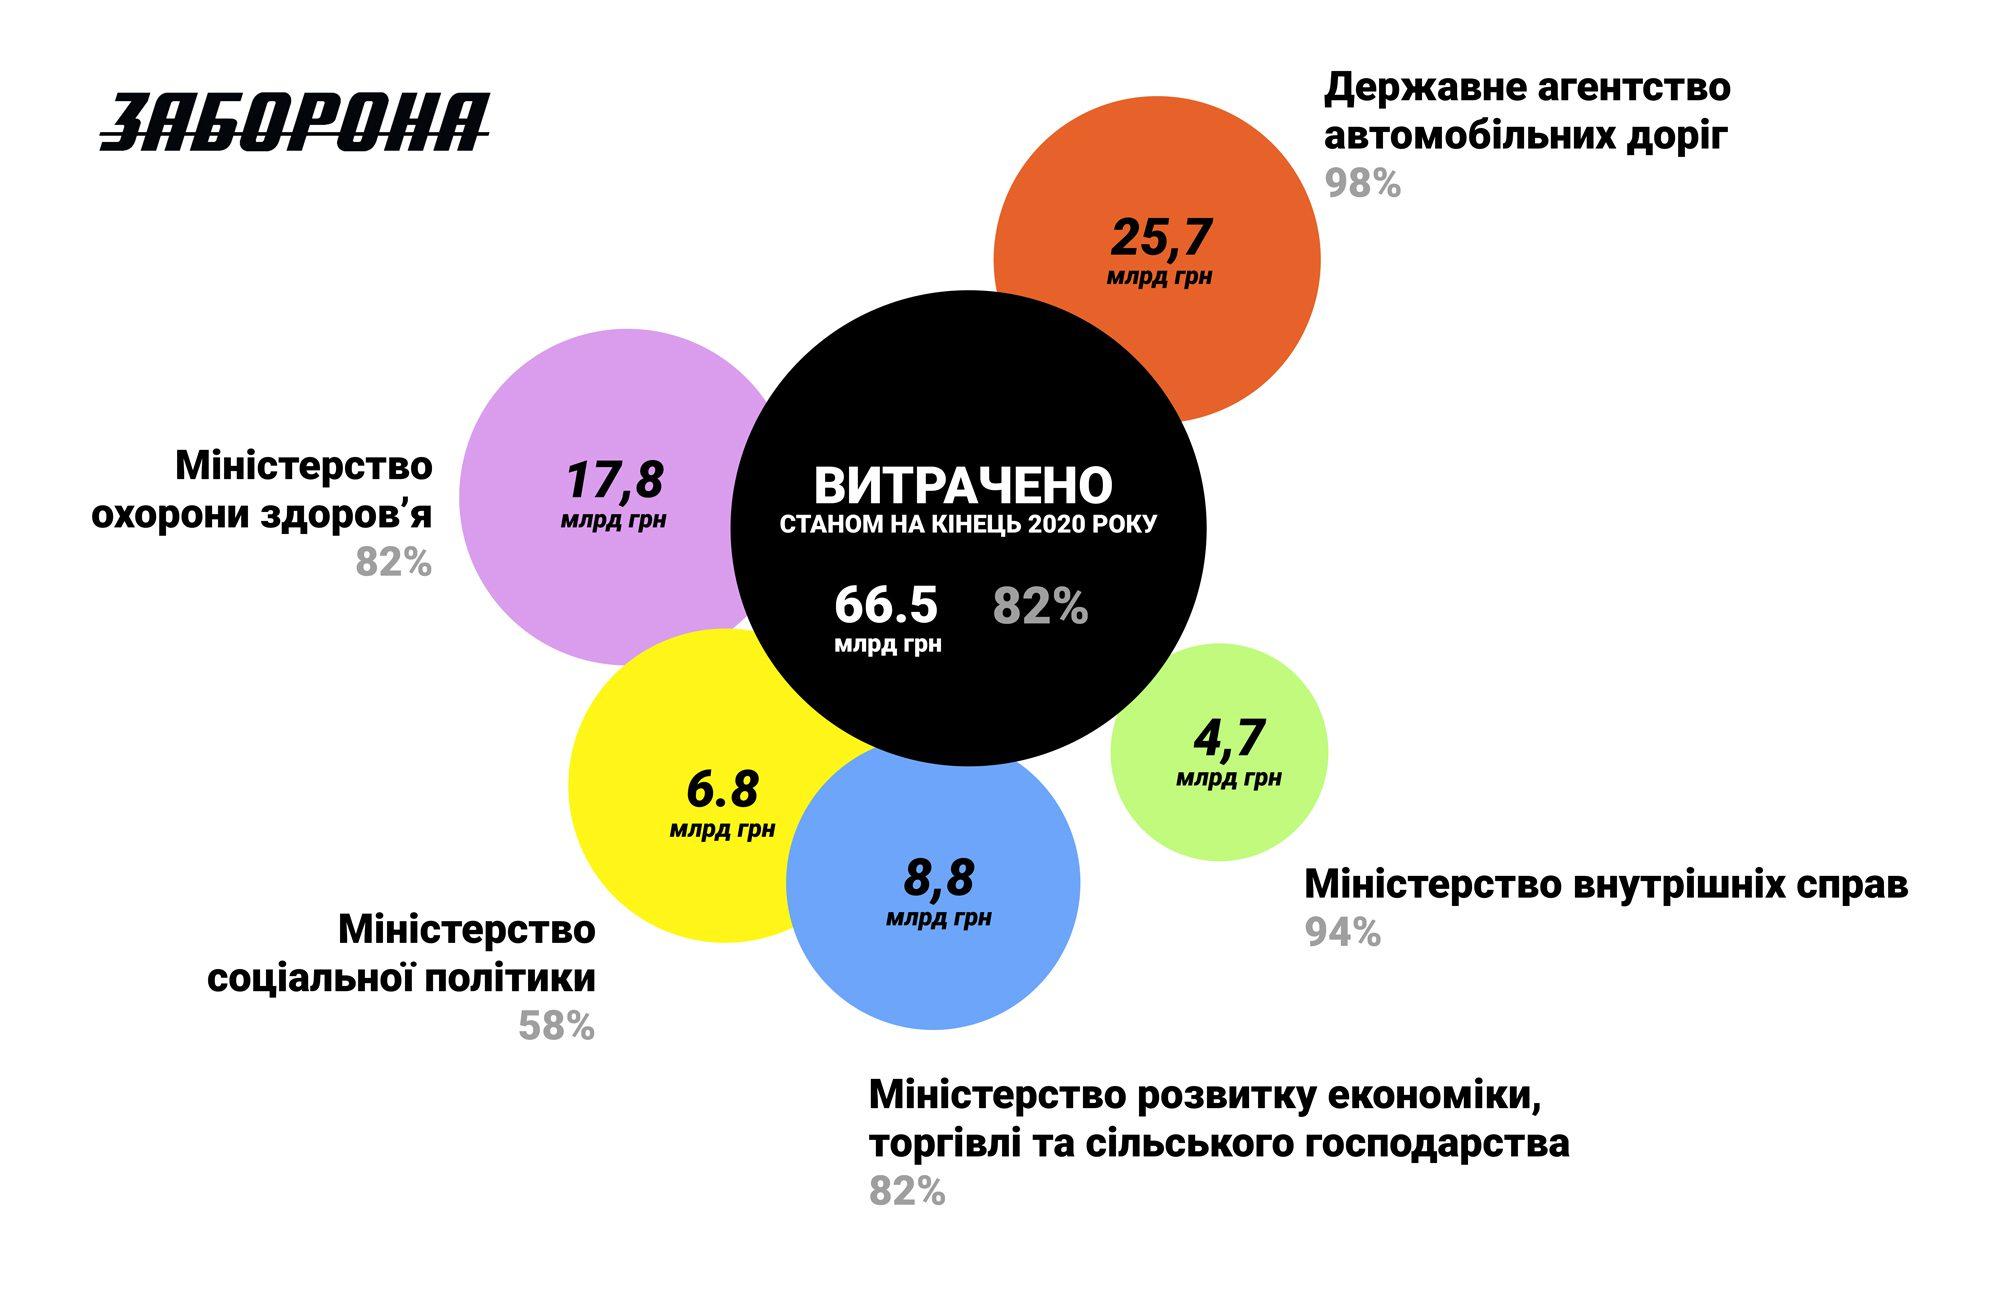 covid ukraine 71 - <b>COVID-фонд мав врятувати Україну від пандемії.</b> Але гроші освоїли агентство доріг, МВС та інші відомства — розповідаємо, чому так сталося - Заборона